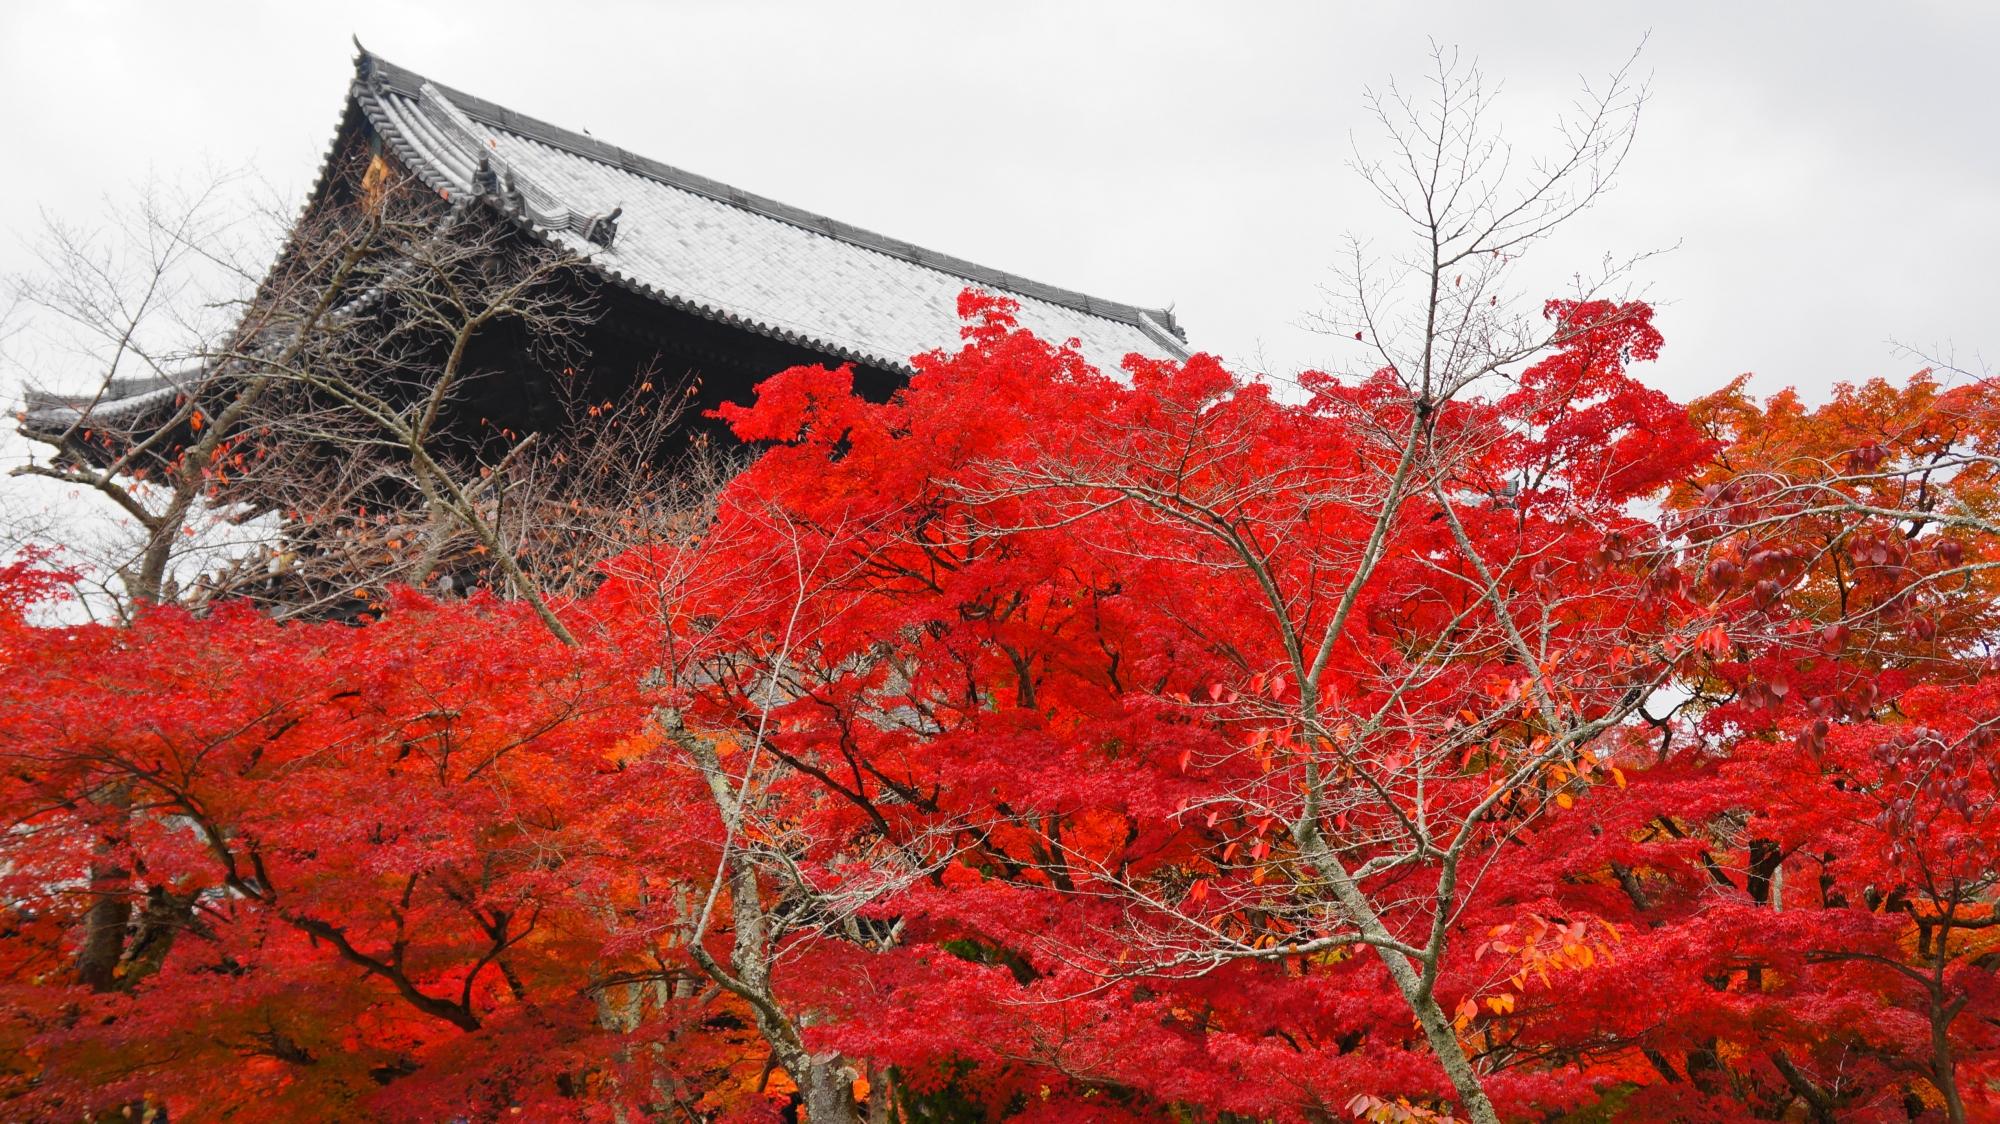 三門をつつむ燃えるような真っ赤な紅葉